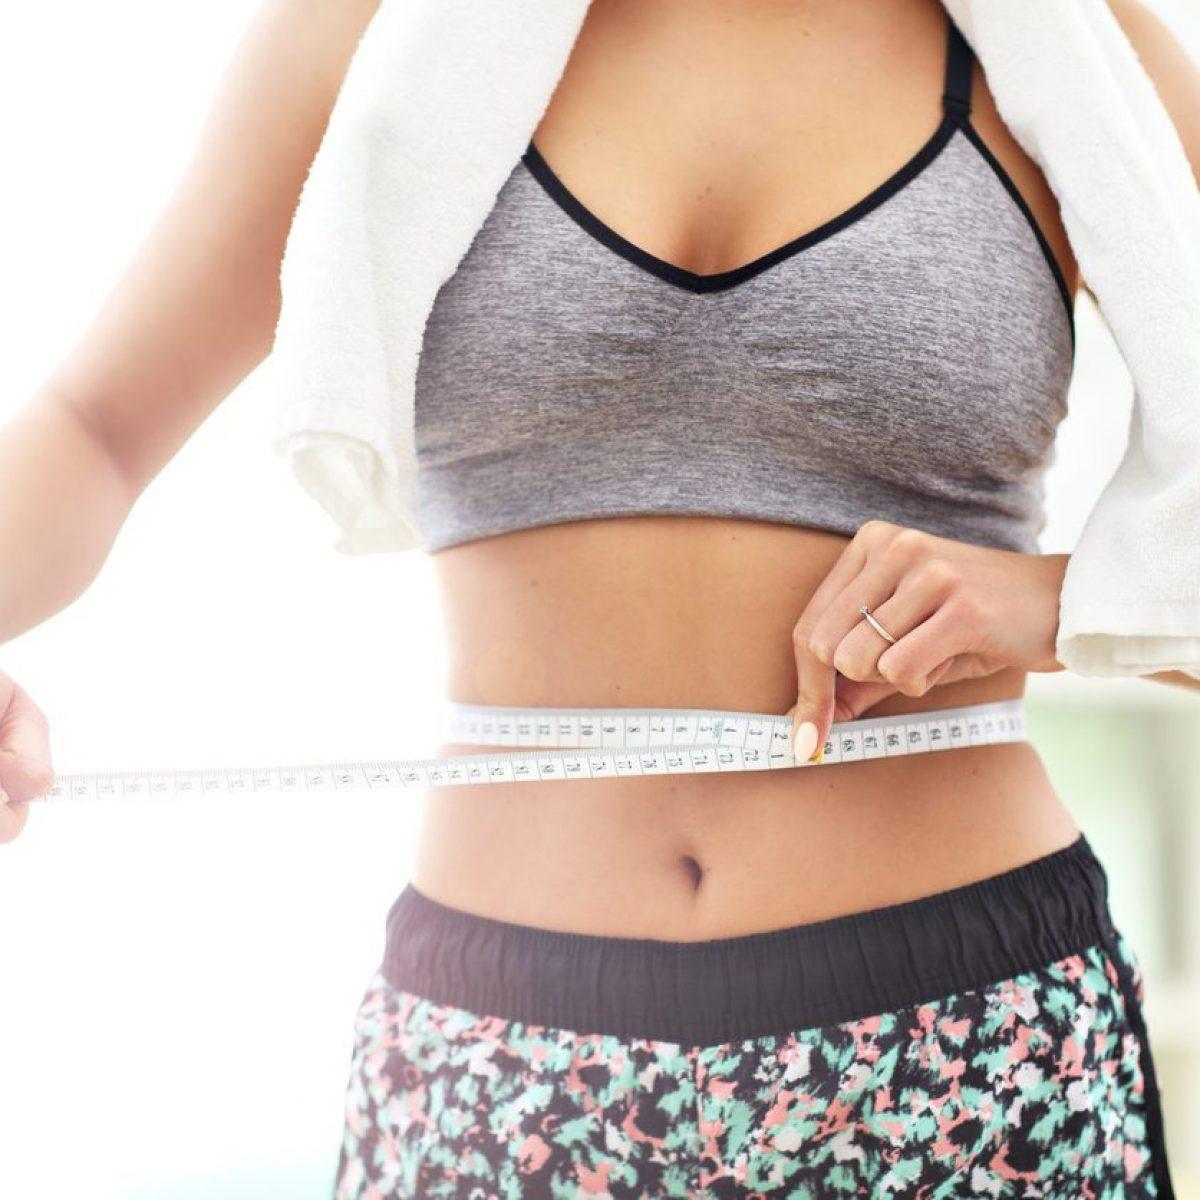 ridurre il grasso attorno alla vita